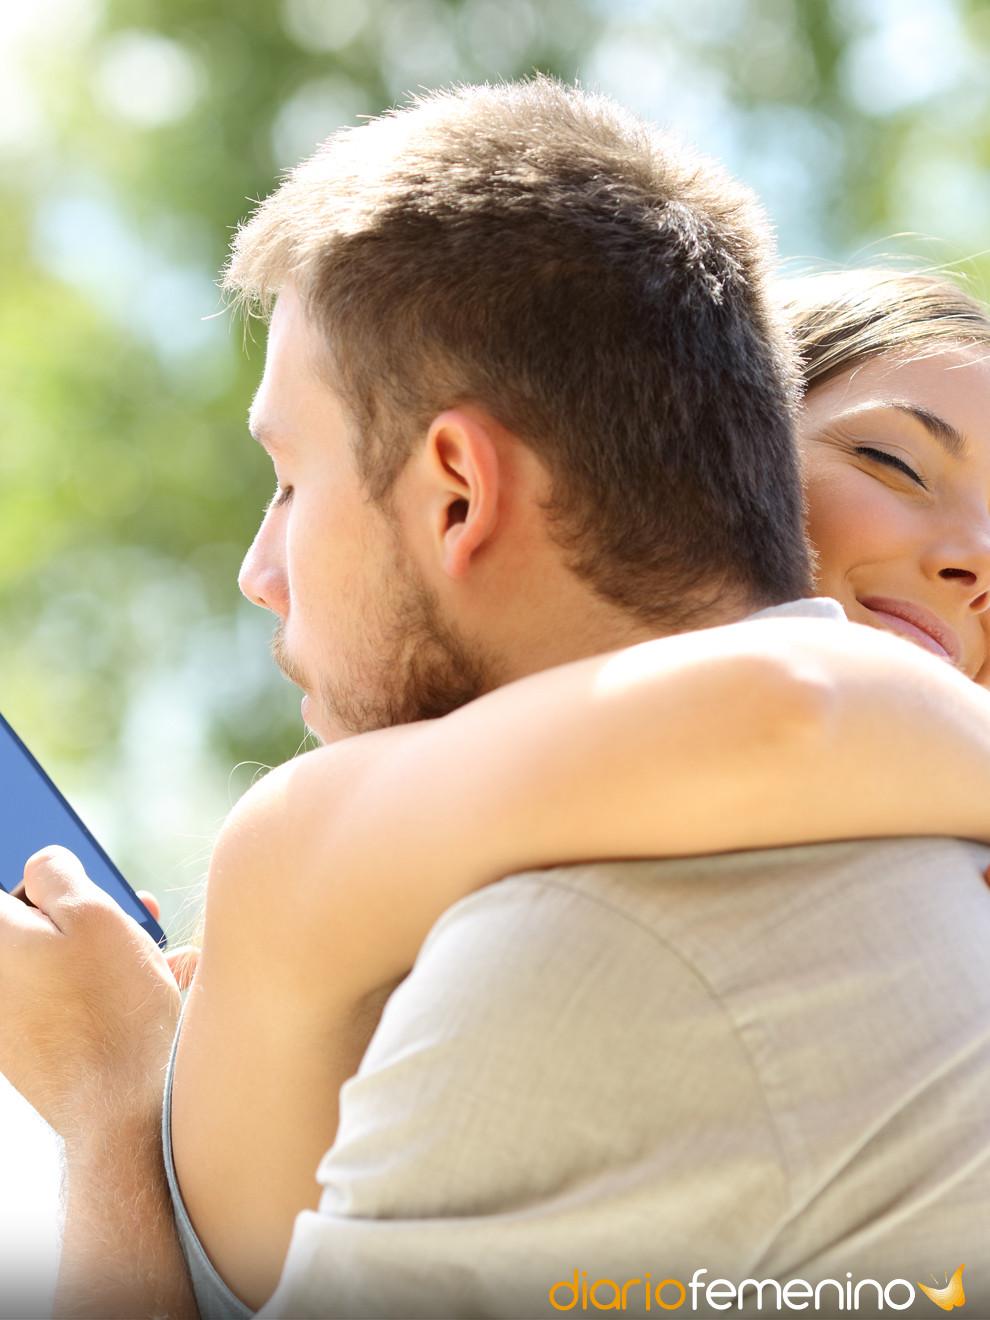 Soñar que tu pareja te engaña NO es premonitorio